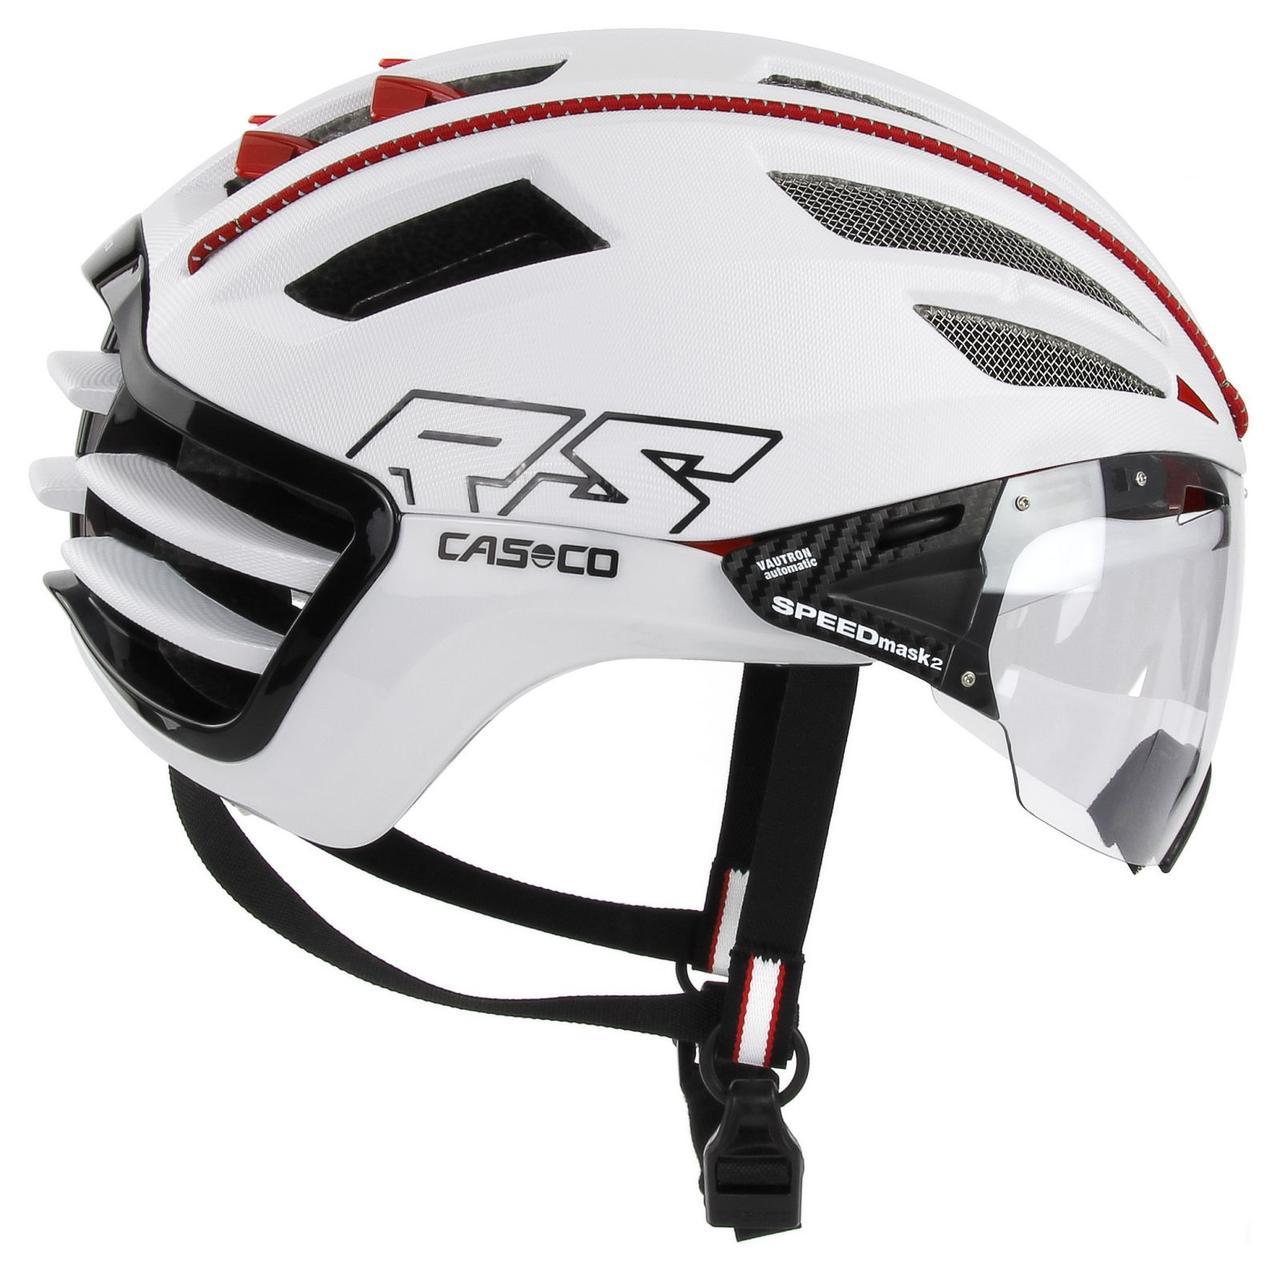 Велошлем Casco SPEEDairo 2 RS White incl.vautron visor